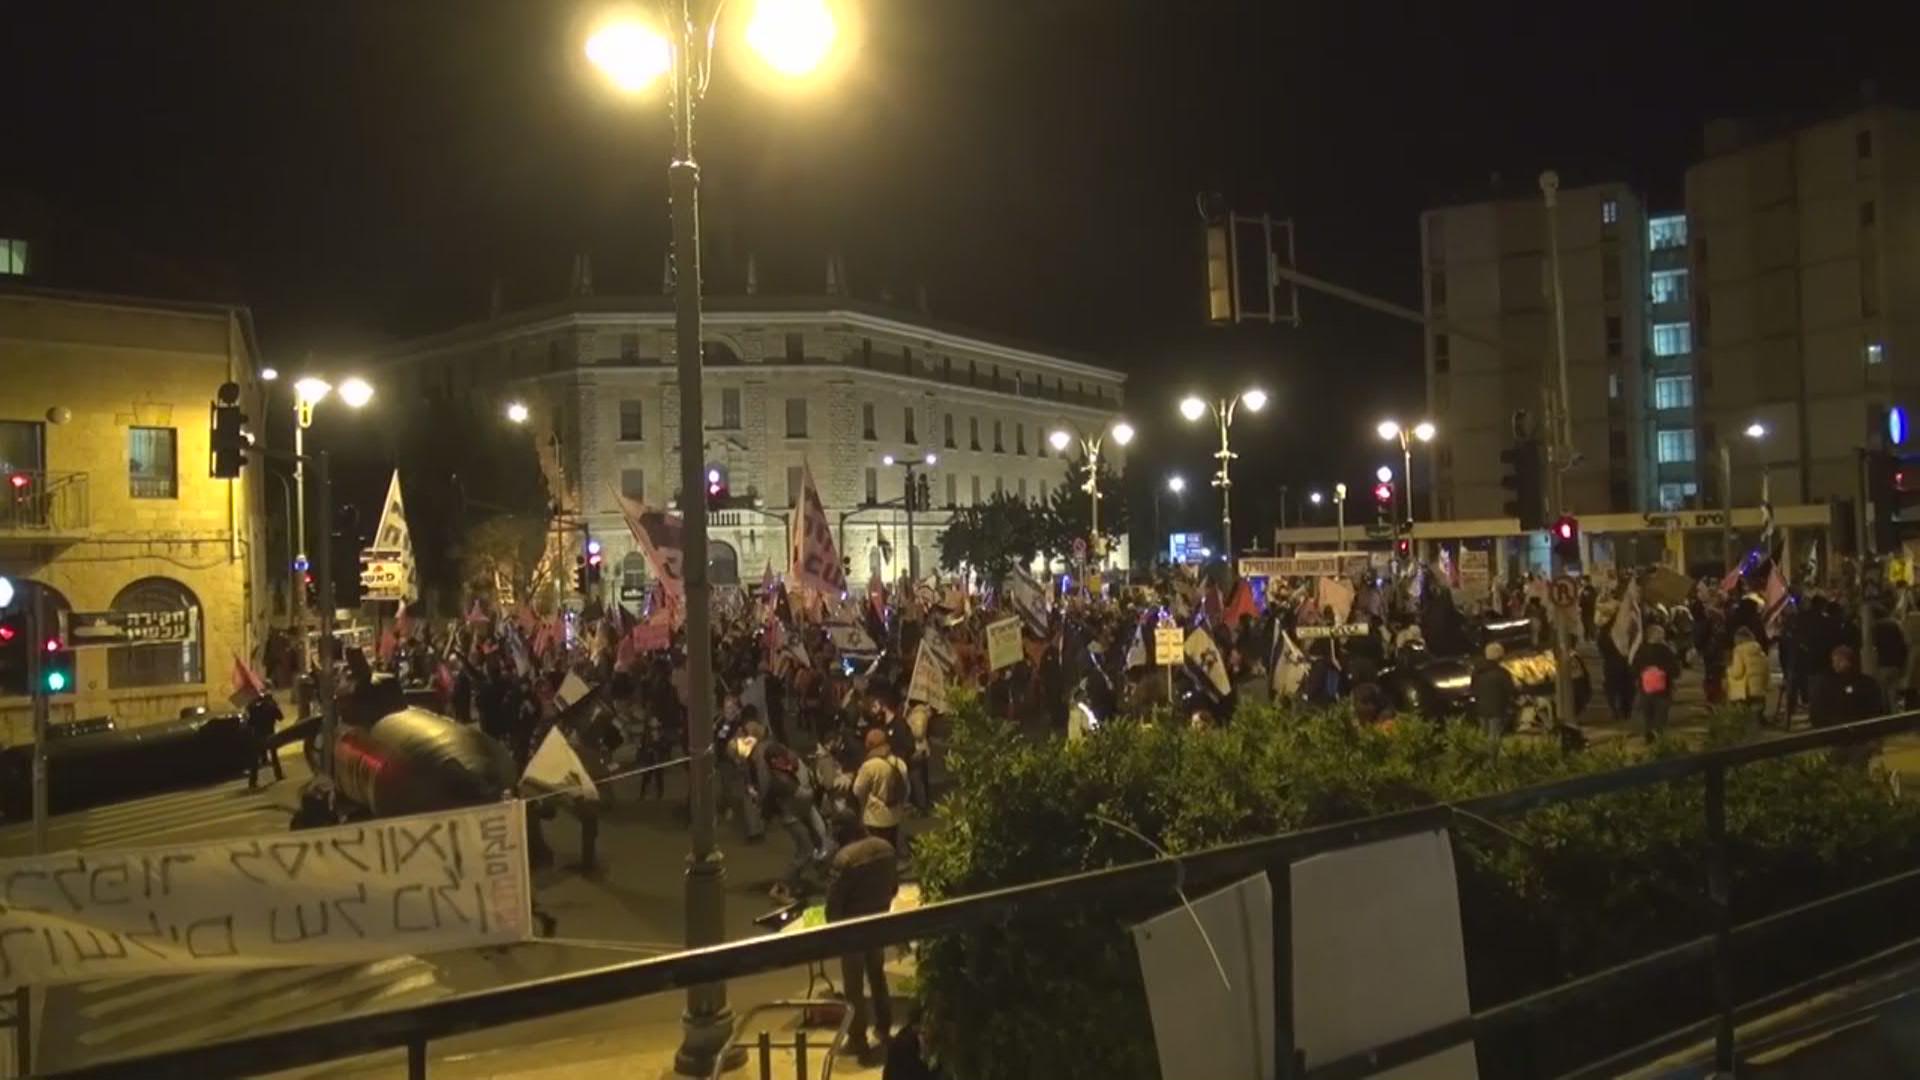 إسرائيل: أكثر من 1000 شخص يتظاهرون ضد لنتنياهو في القدس